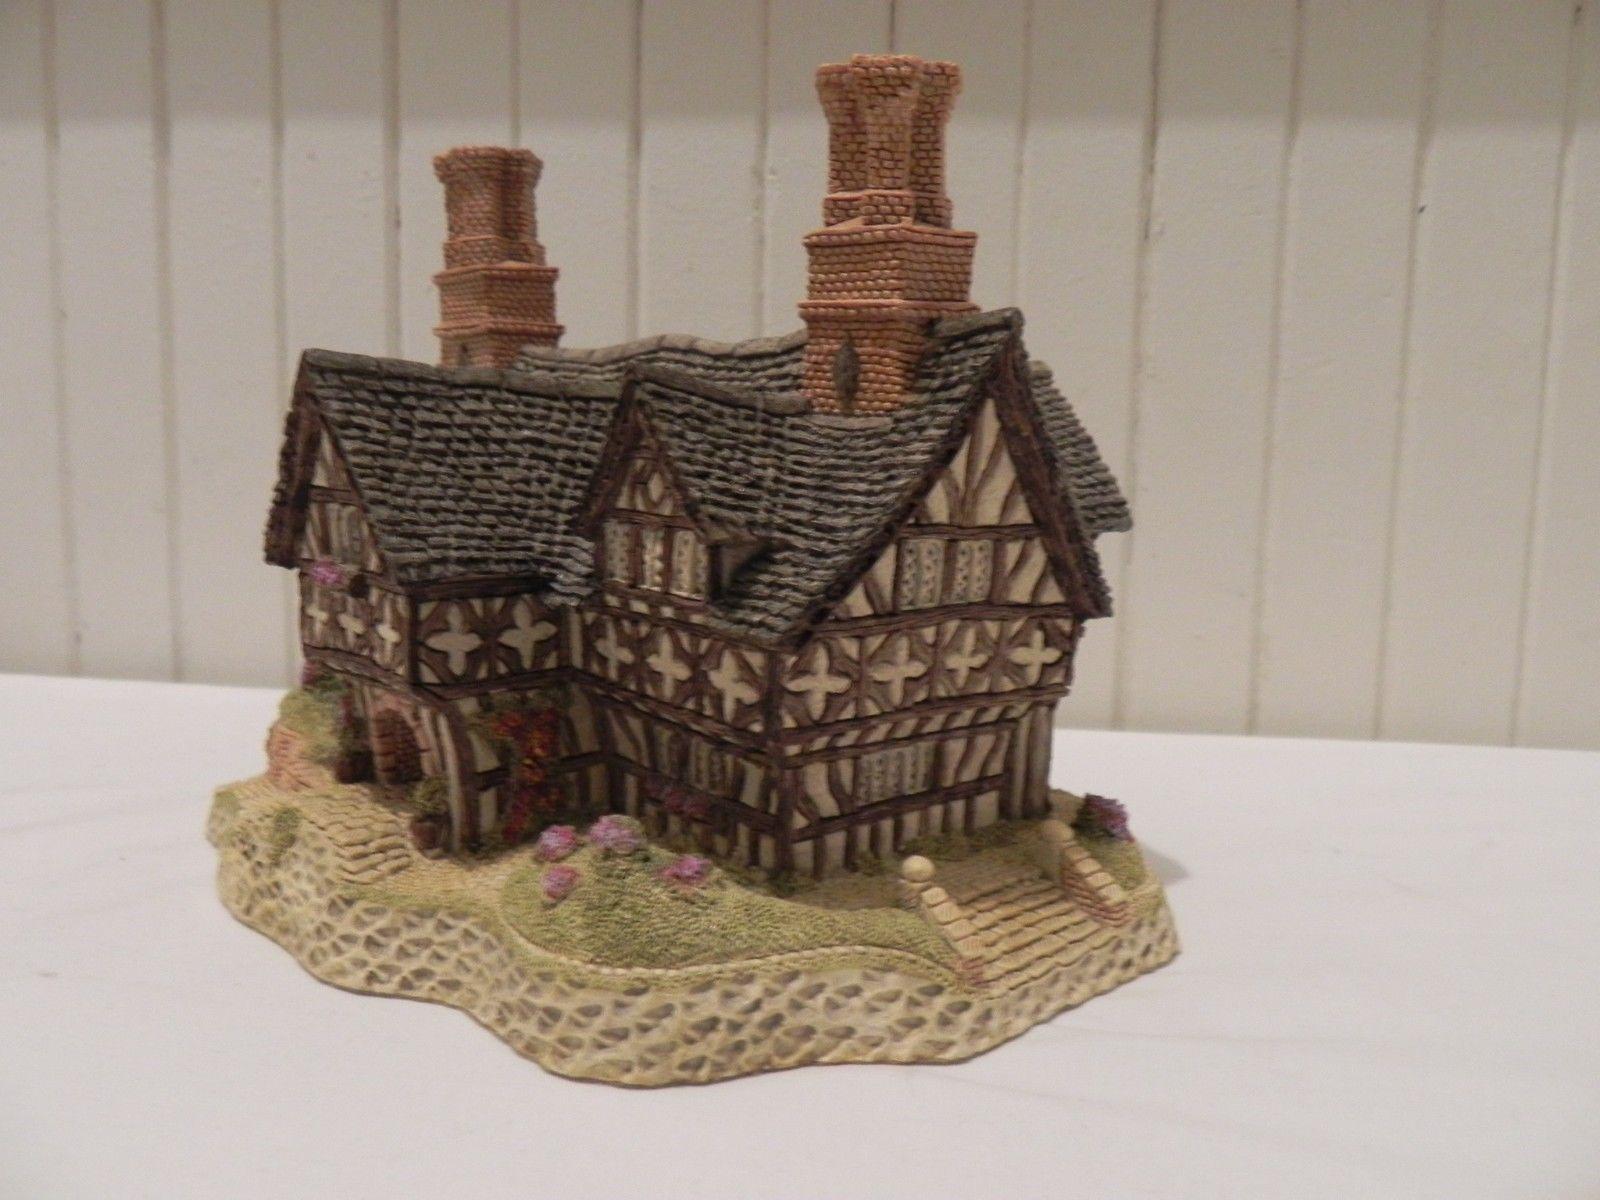 Queen Elizabeth Stayed Here David Winter Cottages Collectors Piece 2 Ebay Queen Elizabeth Elizabeth Queen